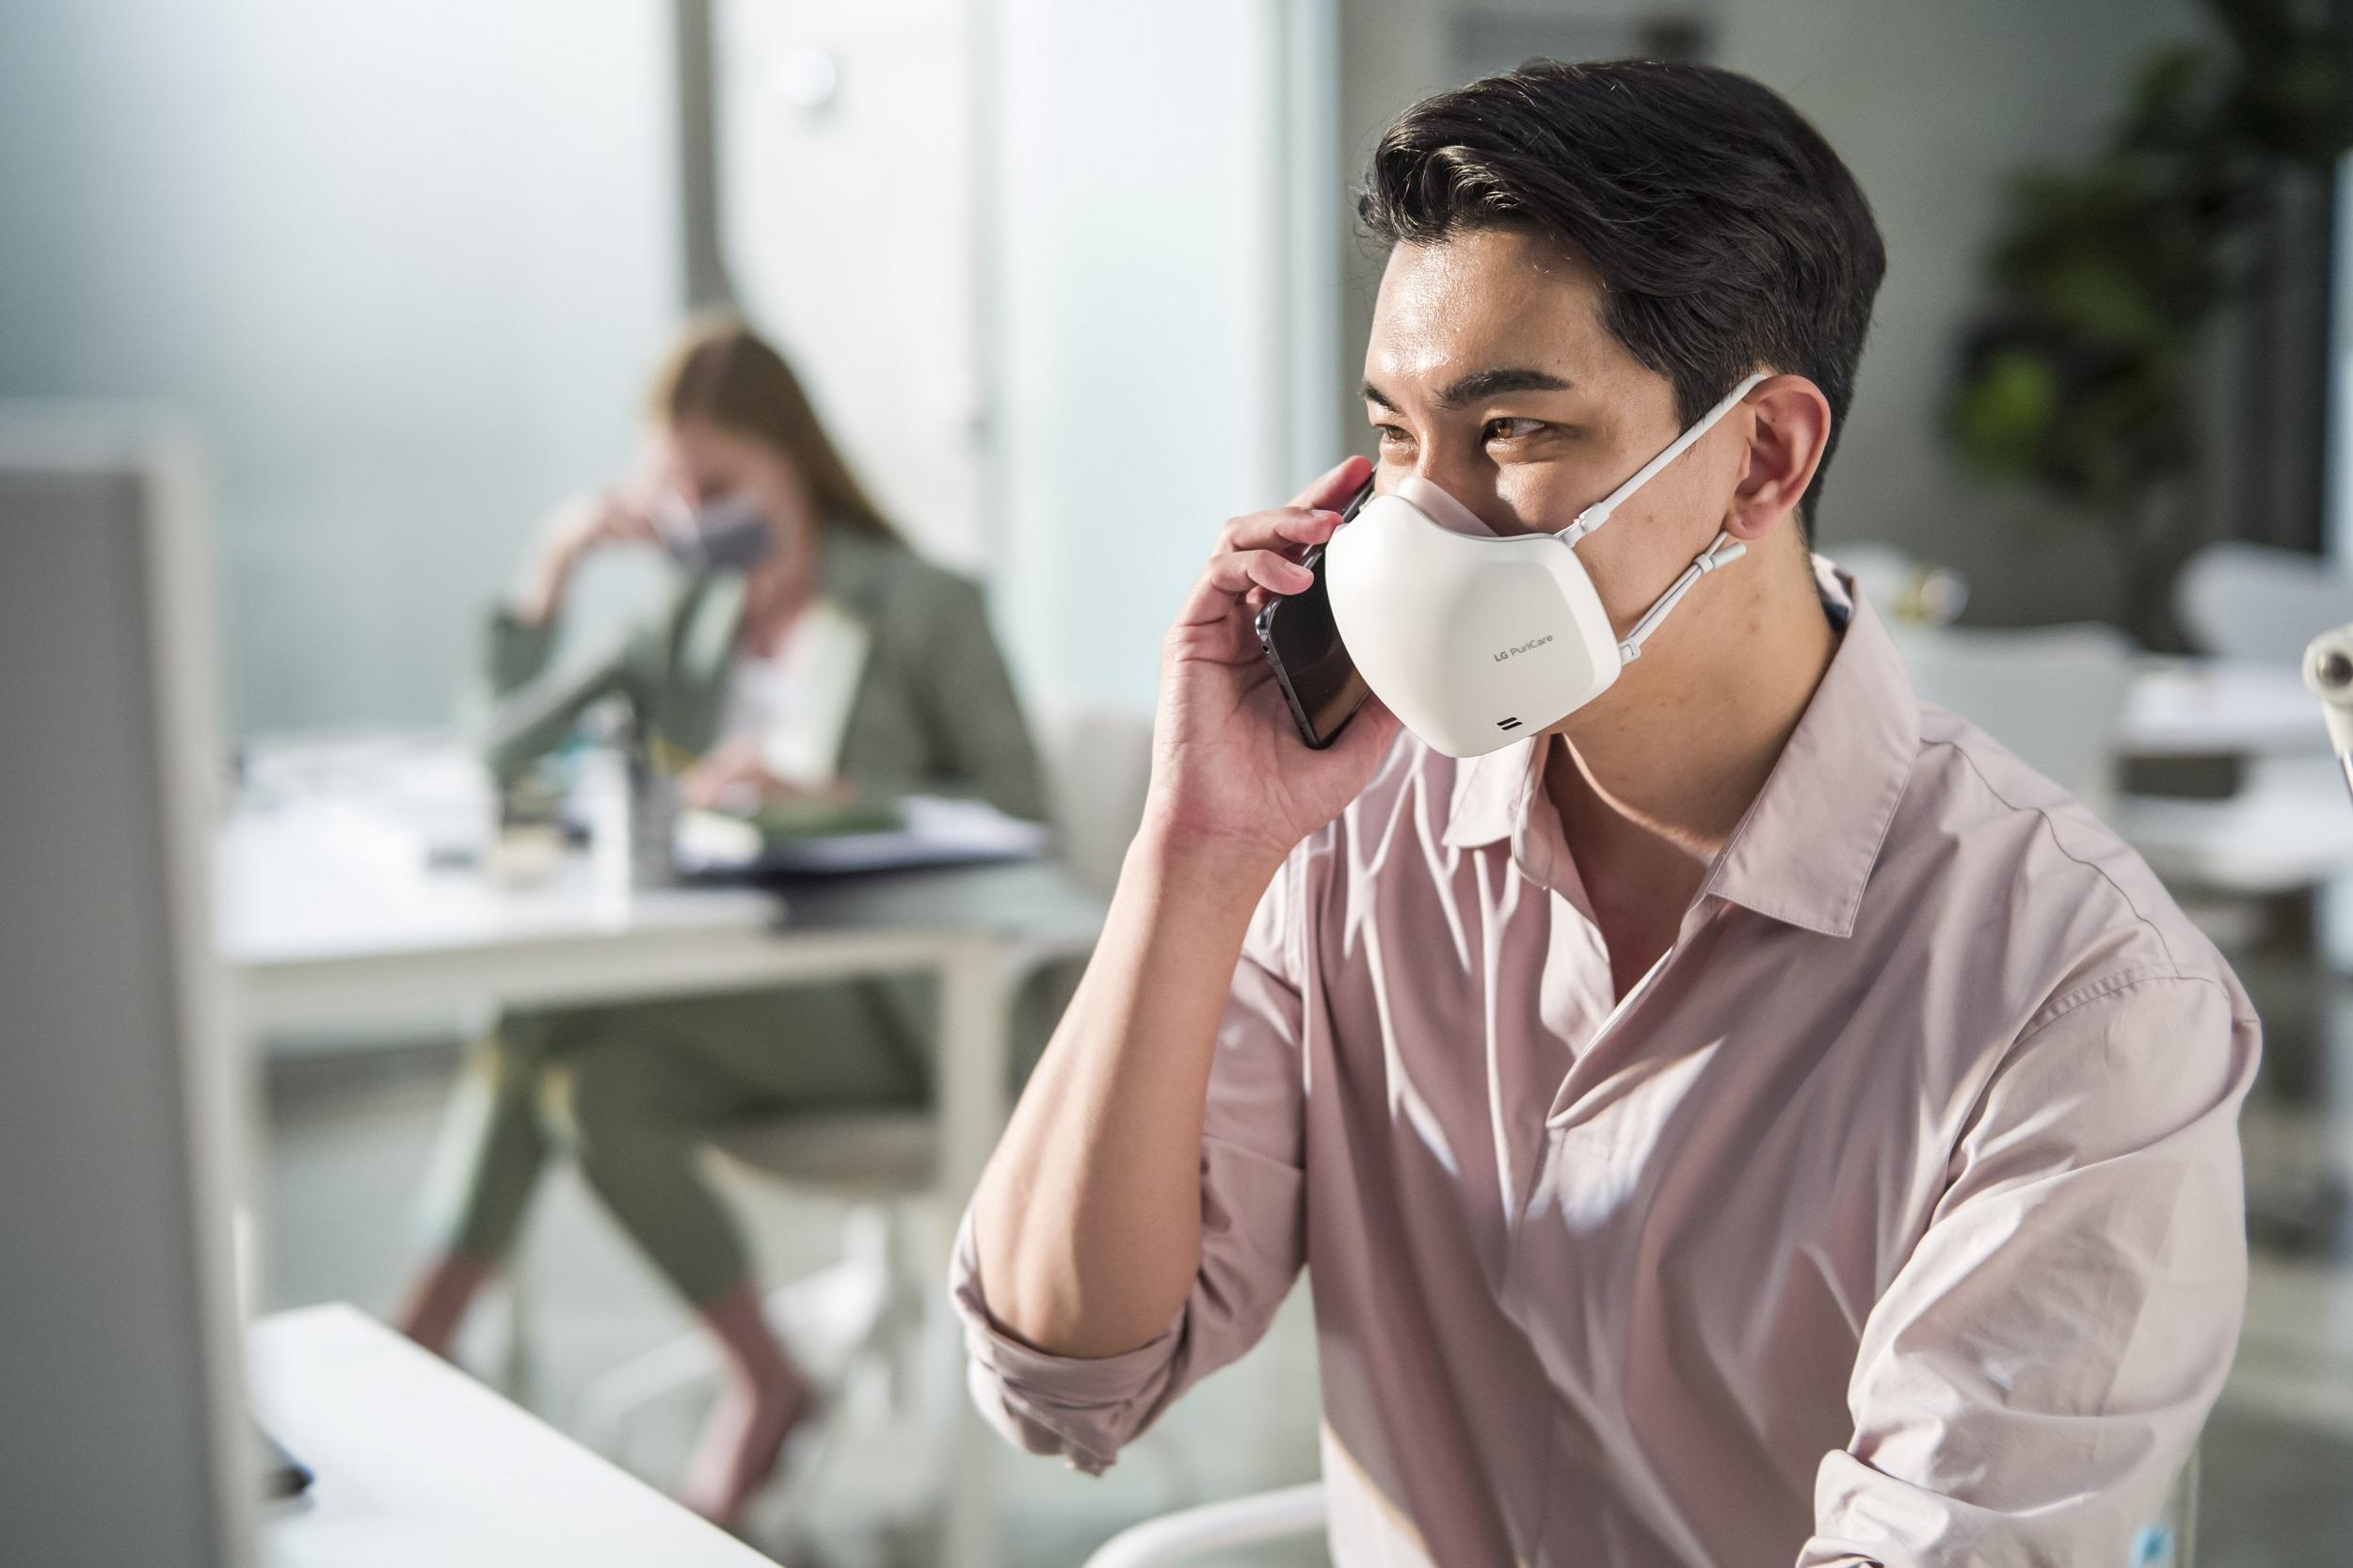 หน้ากากฟอกอากาศ LG PuriCareTM Gen2 มาพร้อมเทคโนโลยี VoiceONTM ไมโครโฟนเพื่อช่วยขยายเสียงพูดให้คมชัด ขณะสวมใส่หน้ากากฟอกอากาศ สร้างความชัดเจนให้กับทุกการสื่อสาร